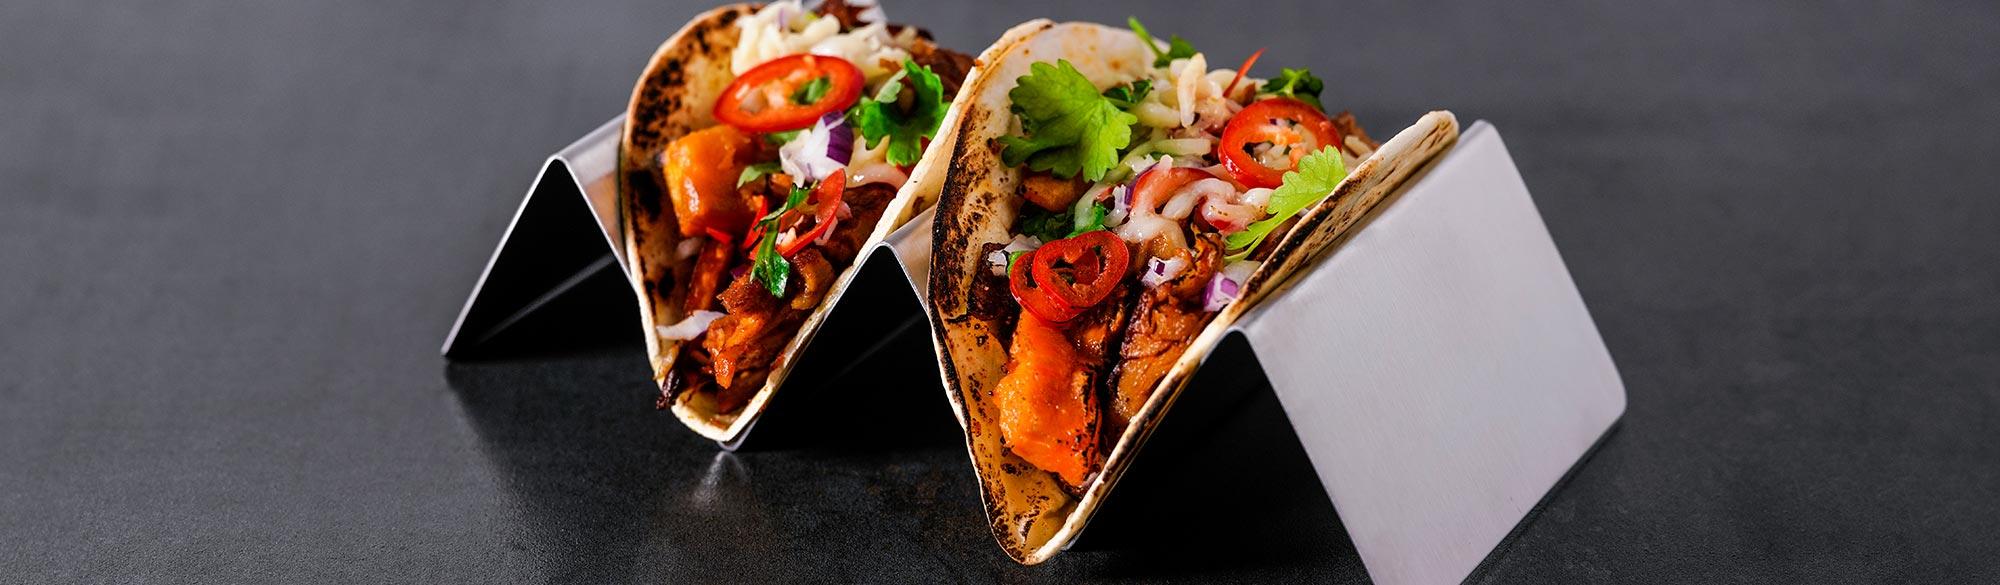 Två stycken vegetariska tacos med diverse grönsaker